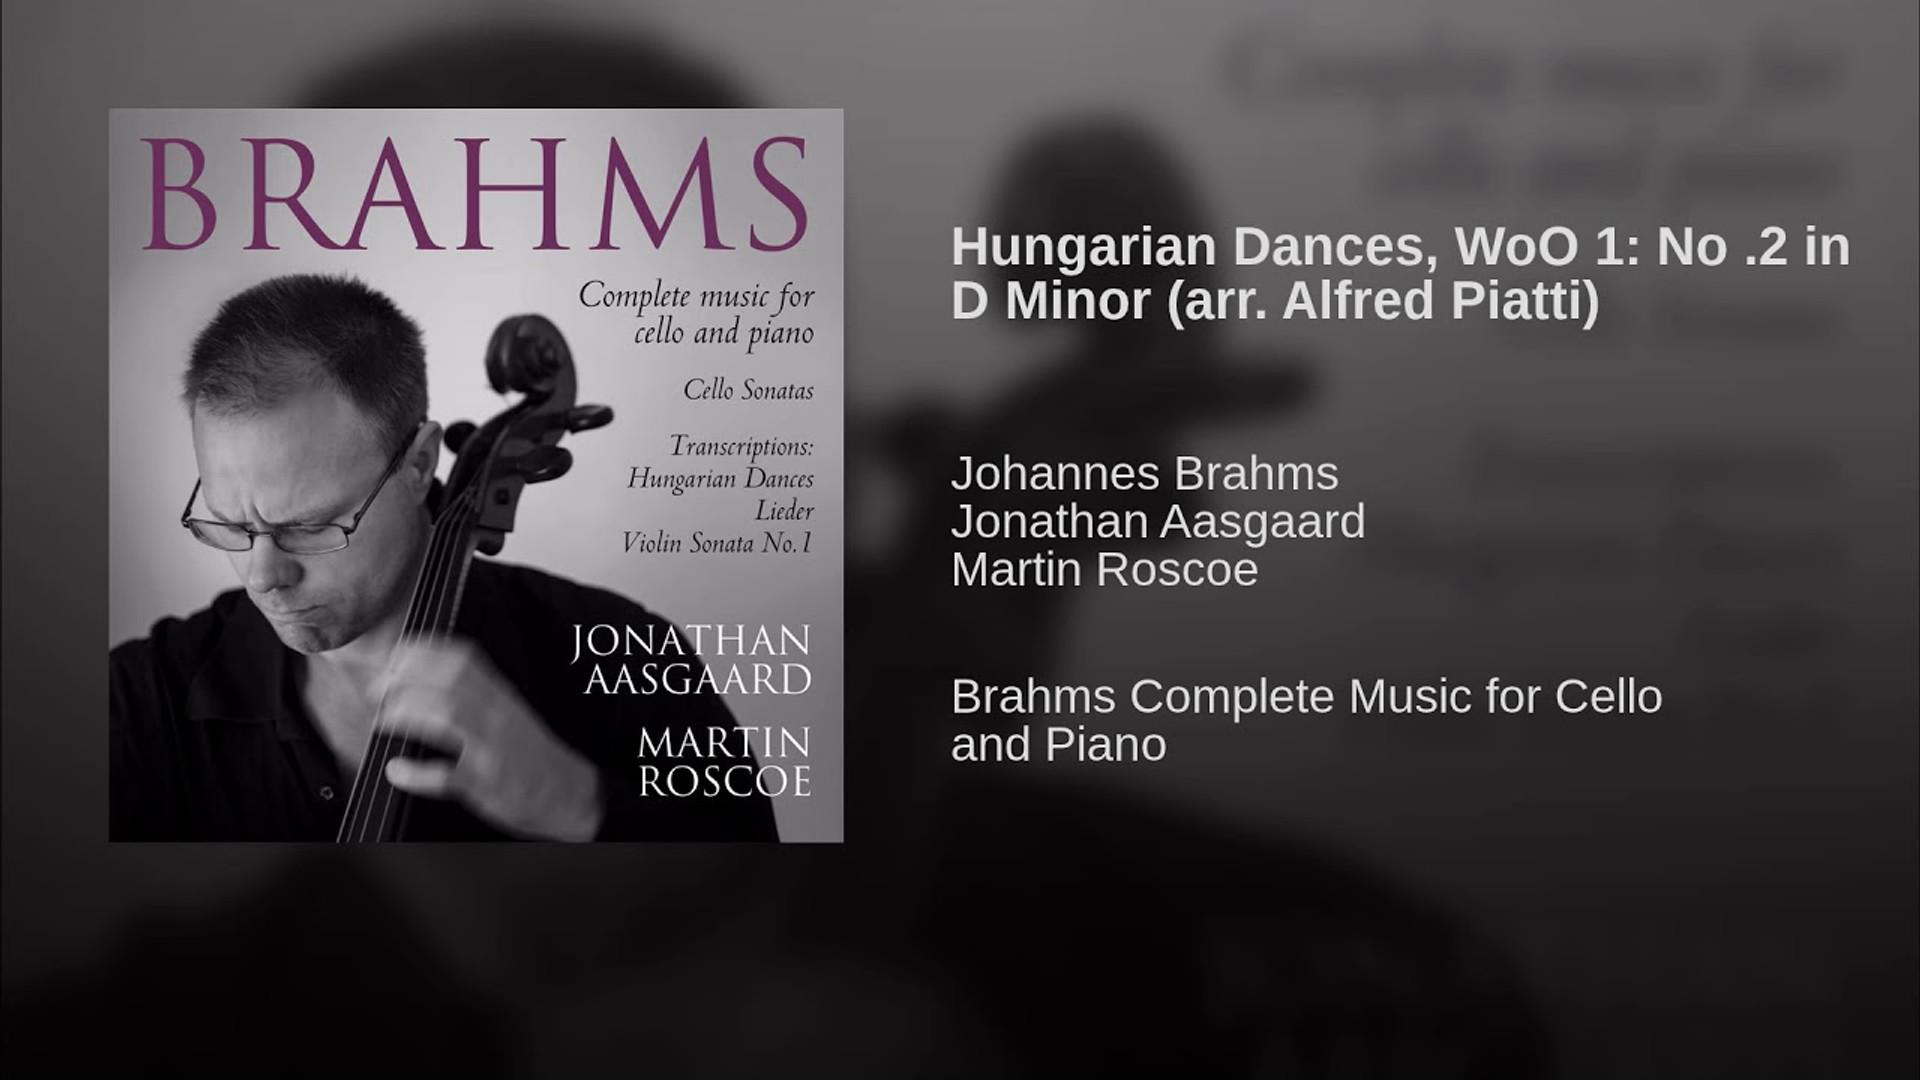 Hungarian Dances, WoO 1 No 2 in D Minor arr Alfred Piatti